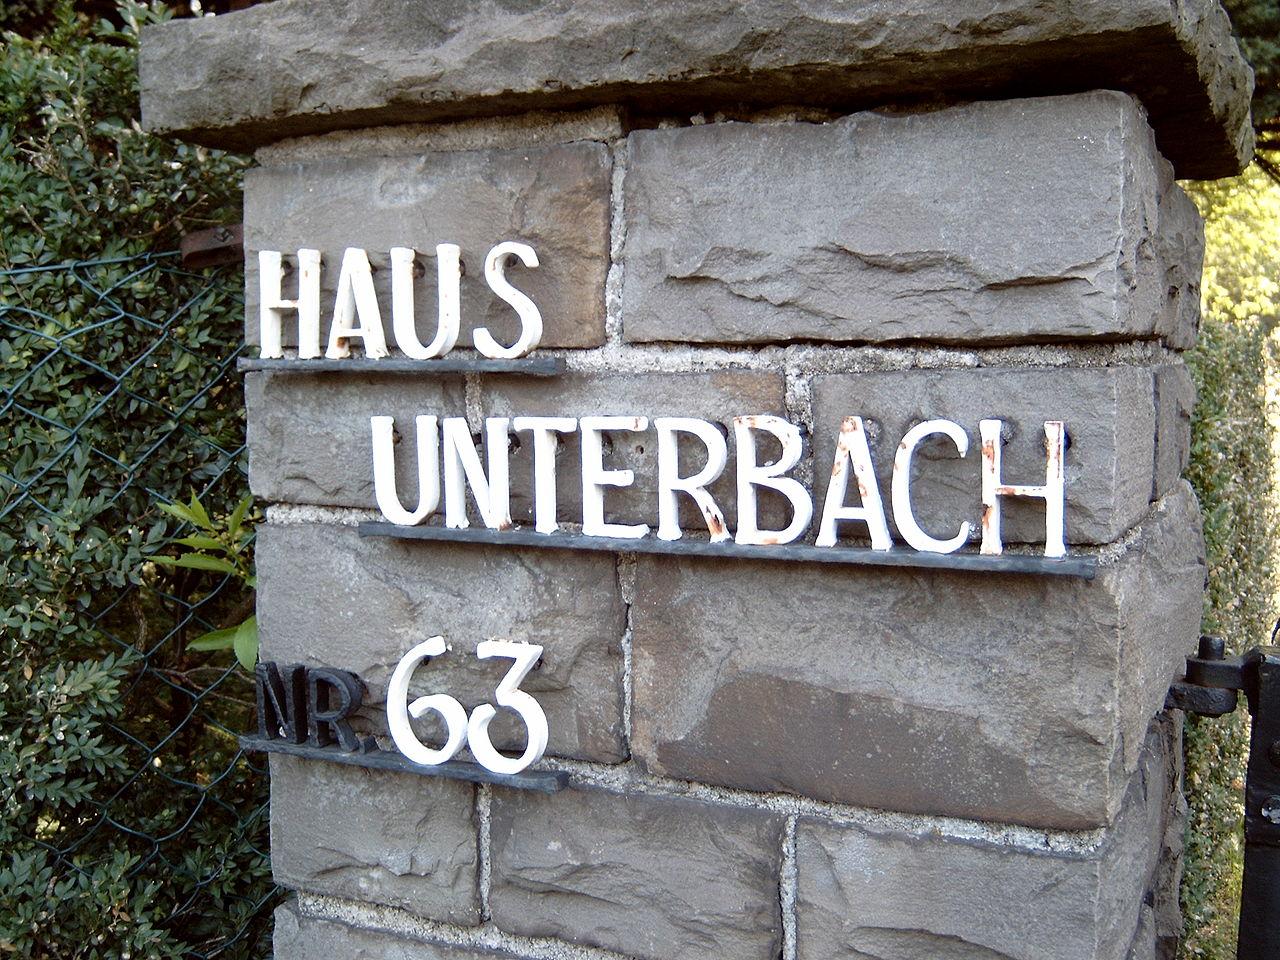 Das Haus Unterbach findet sich nicht in Unterbach sondern in Erkrath (Foto: via Wikimedia - siehe Bildnachweis unten)